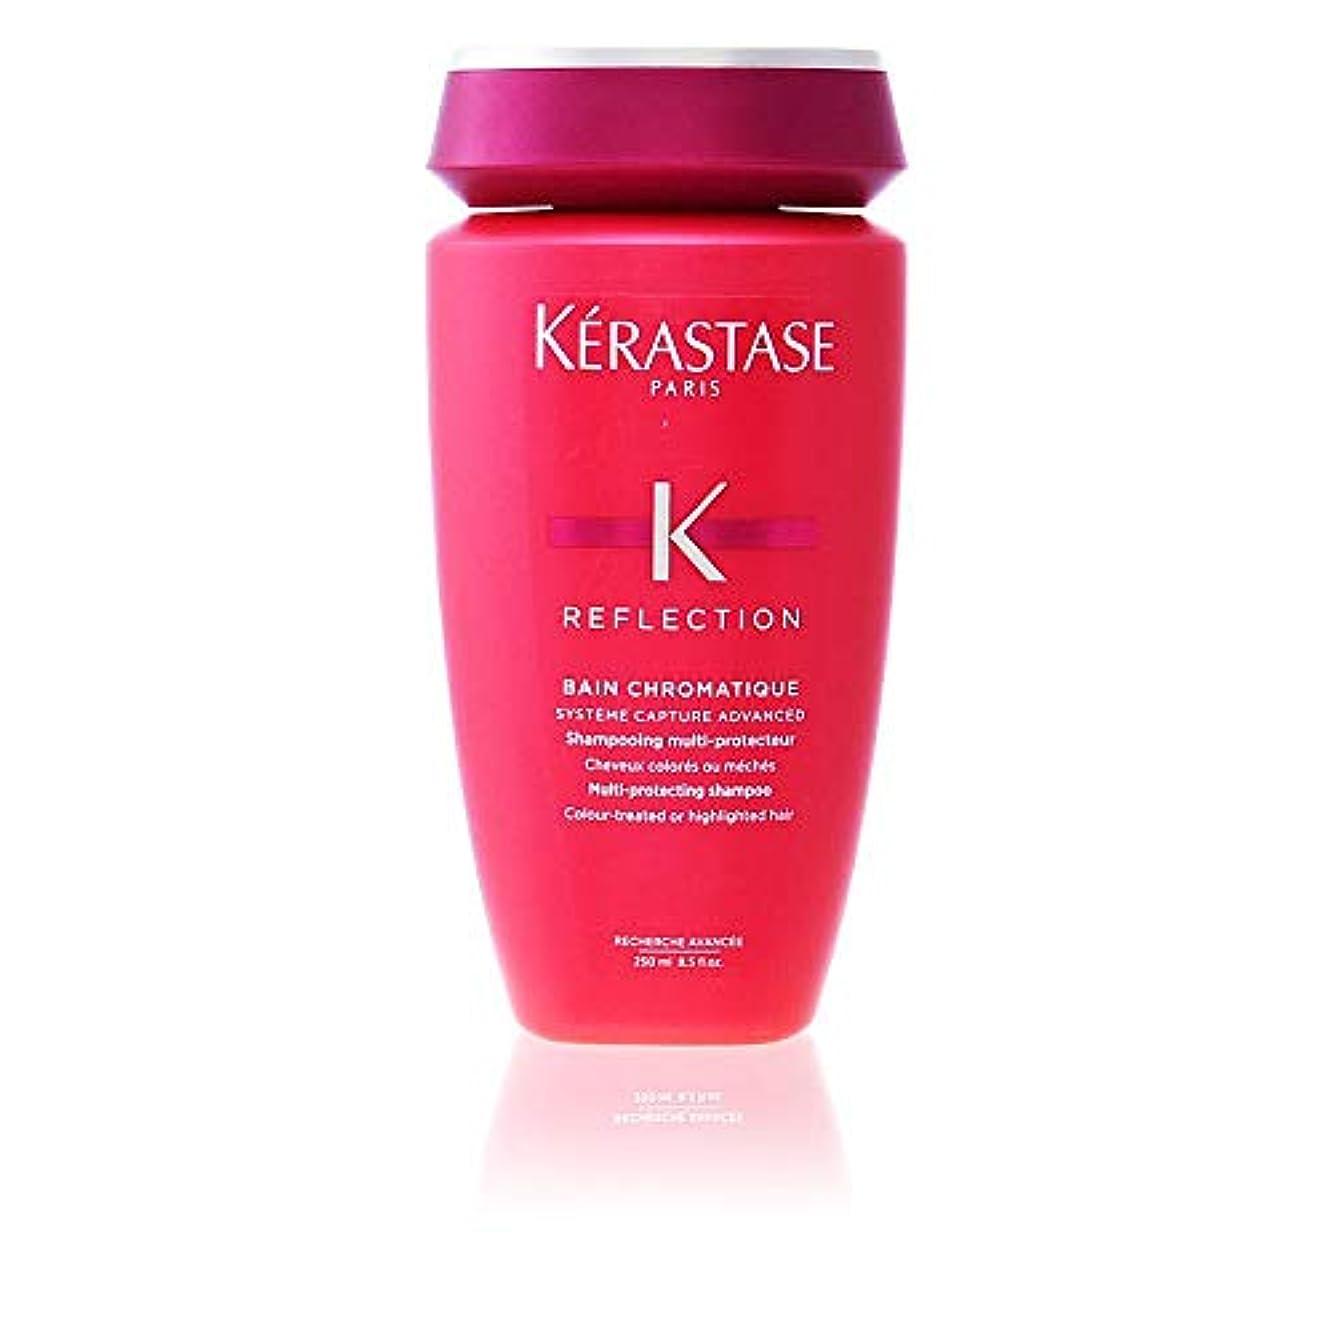 ミルク計り知れない緩むケラスターゼ Reflection Bain Chromatique Multi-Protecting Shampoo (Colour-Treated or Highlighted Hair) 250ml/8.5oz並行輸入品